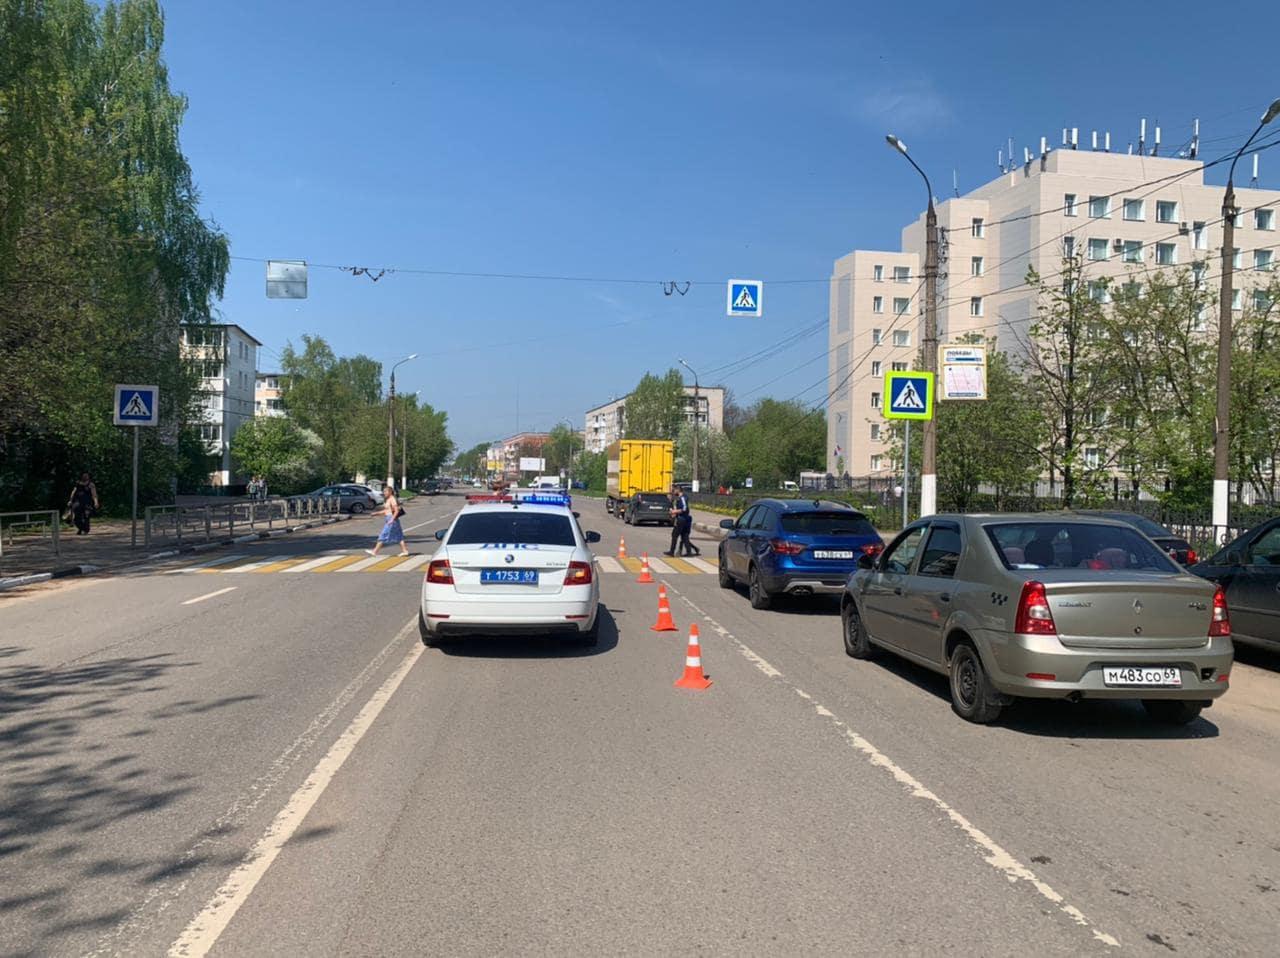 На пешеходном переходе в Твери сбили 16-летнюю девочку